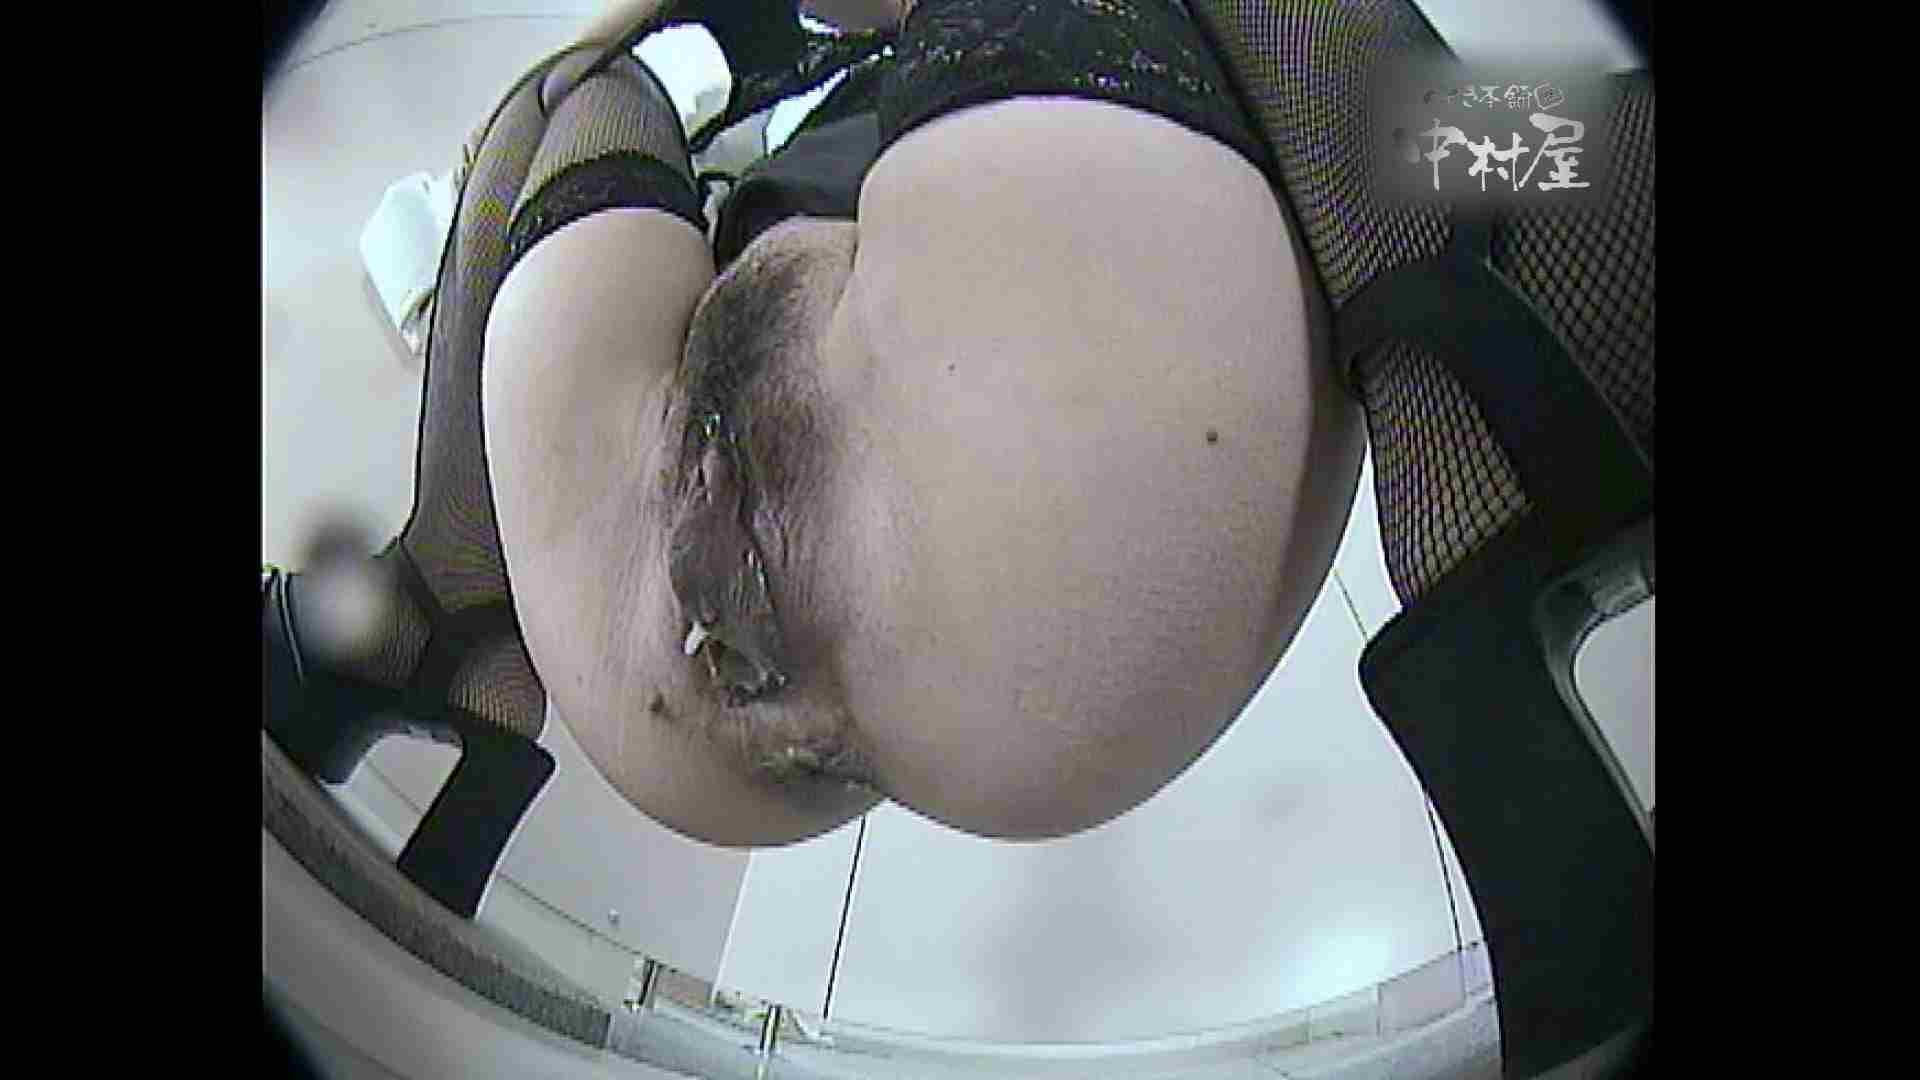 レースクィーントイレ盗撮!Vol.14 肛門編 セックス画像 107PIX 105